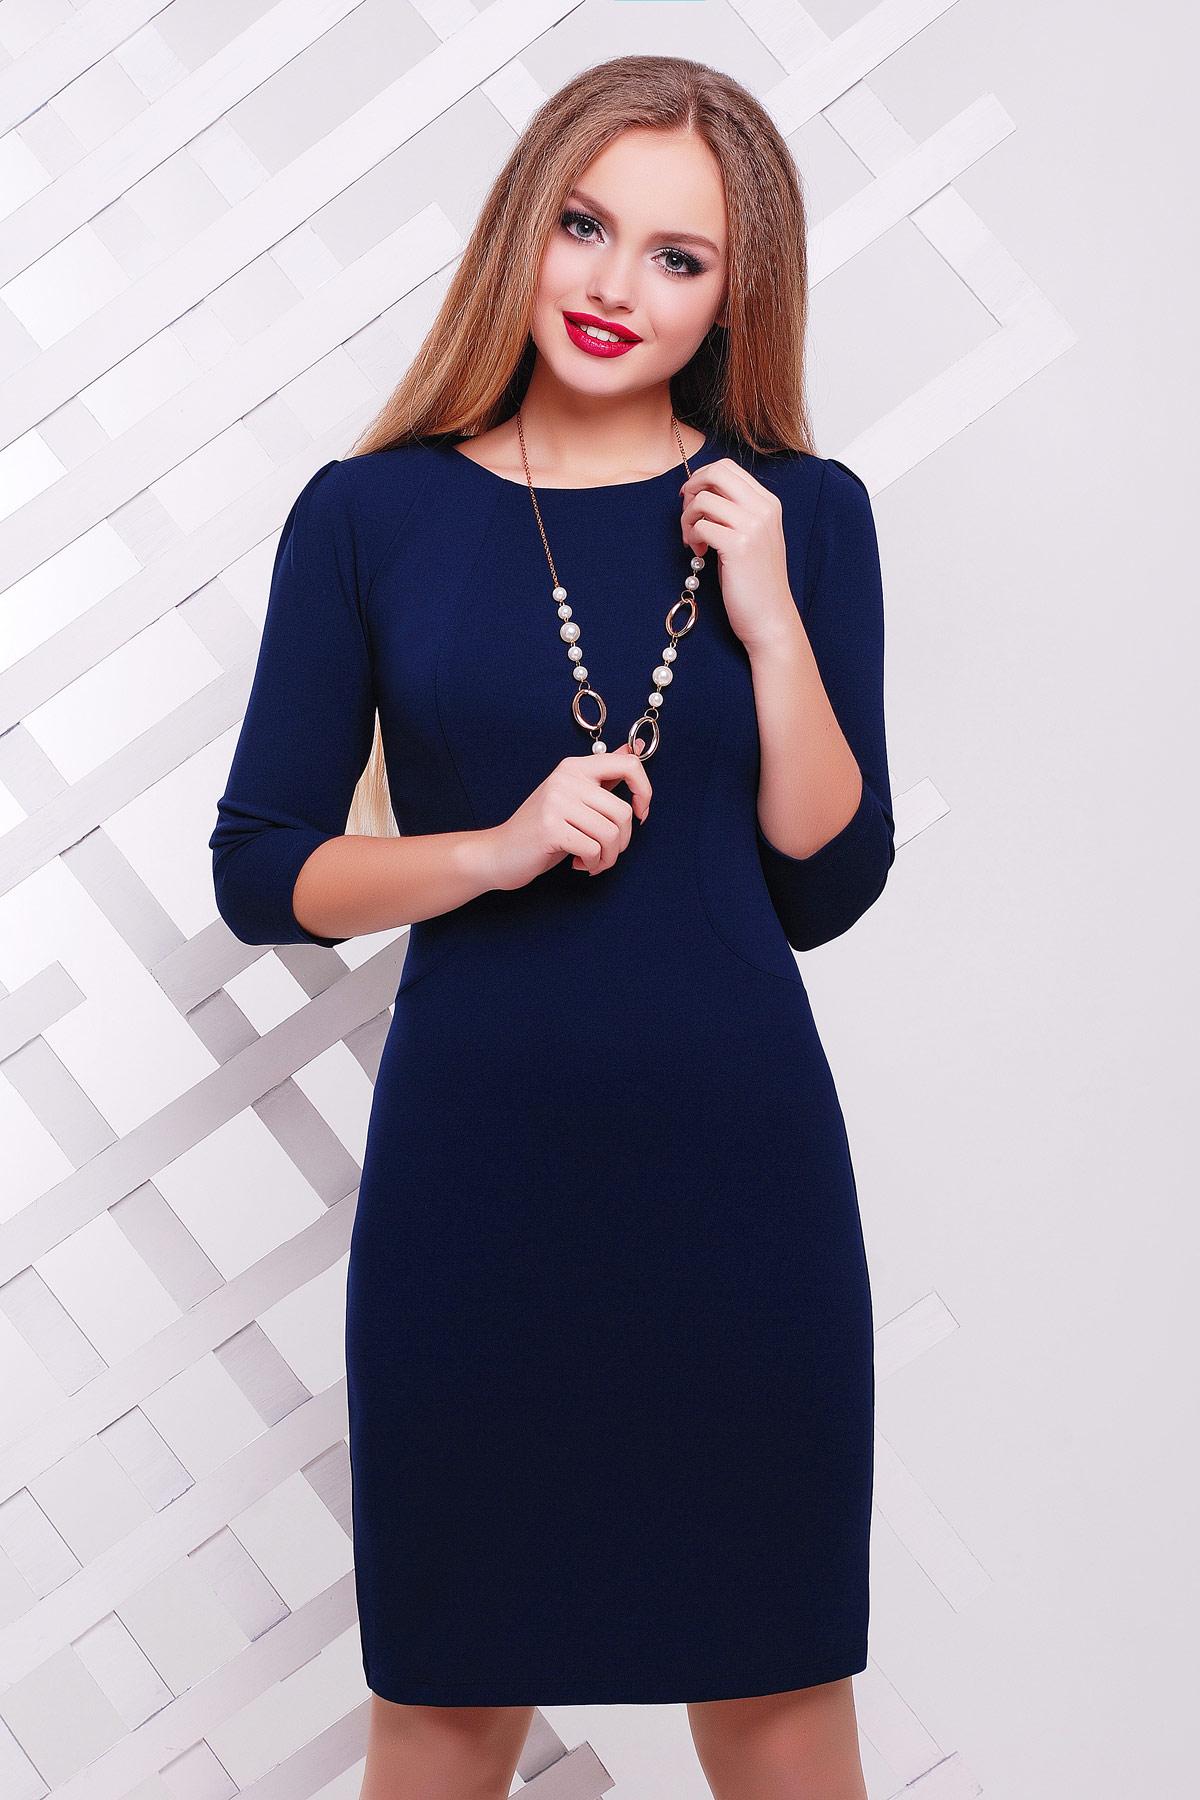 1f31f2d5db9 Платье выше колен темно-синего цвета. платье Модеста д р. Цвет